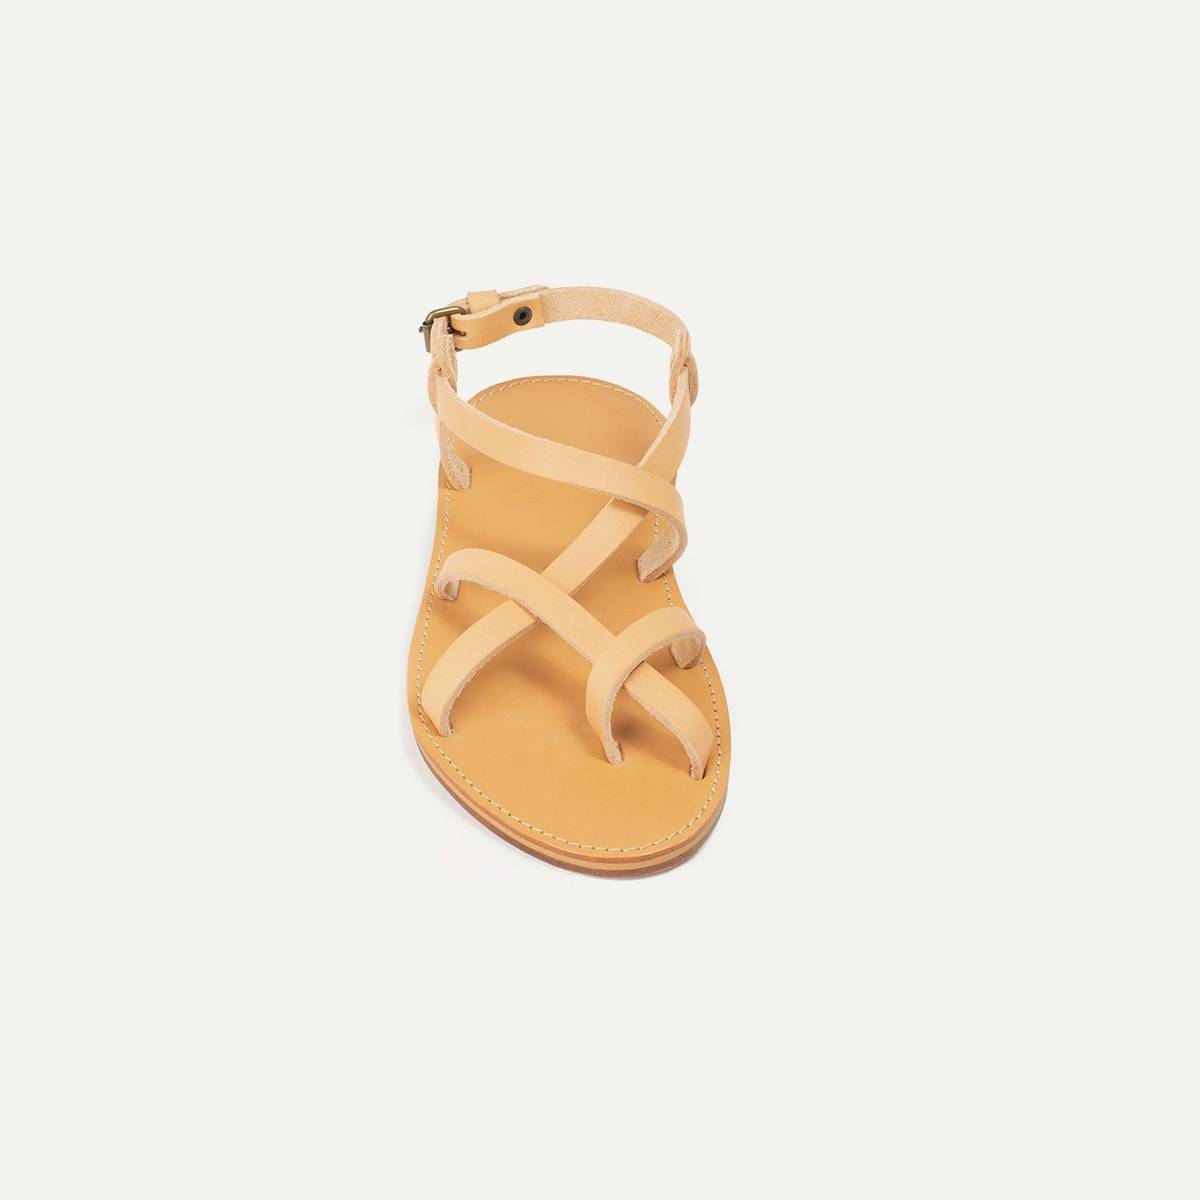 Sandales cuir Nara - Naturel (image n°3)